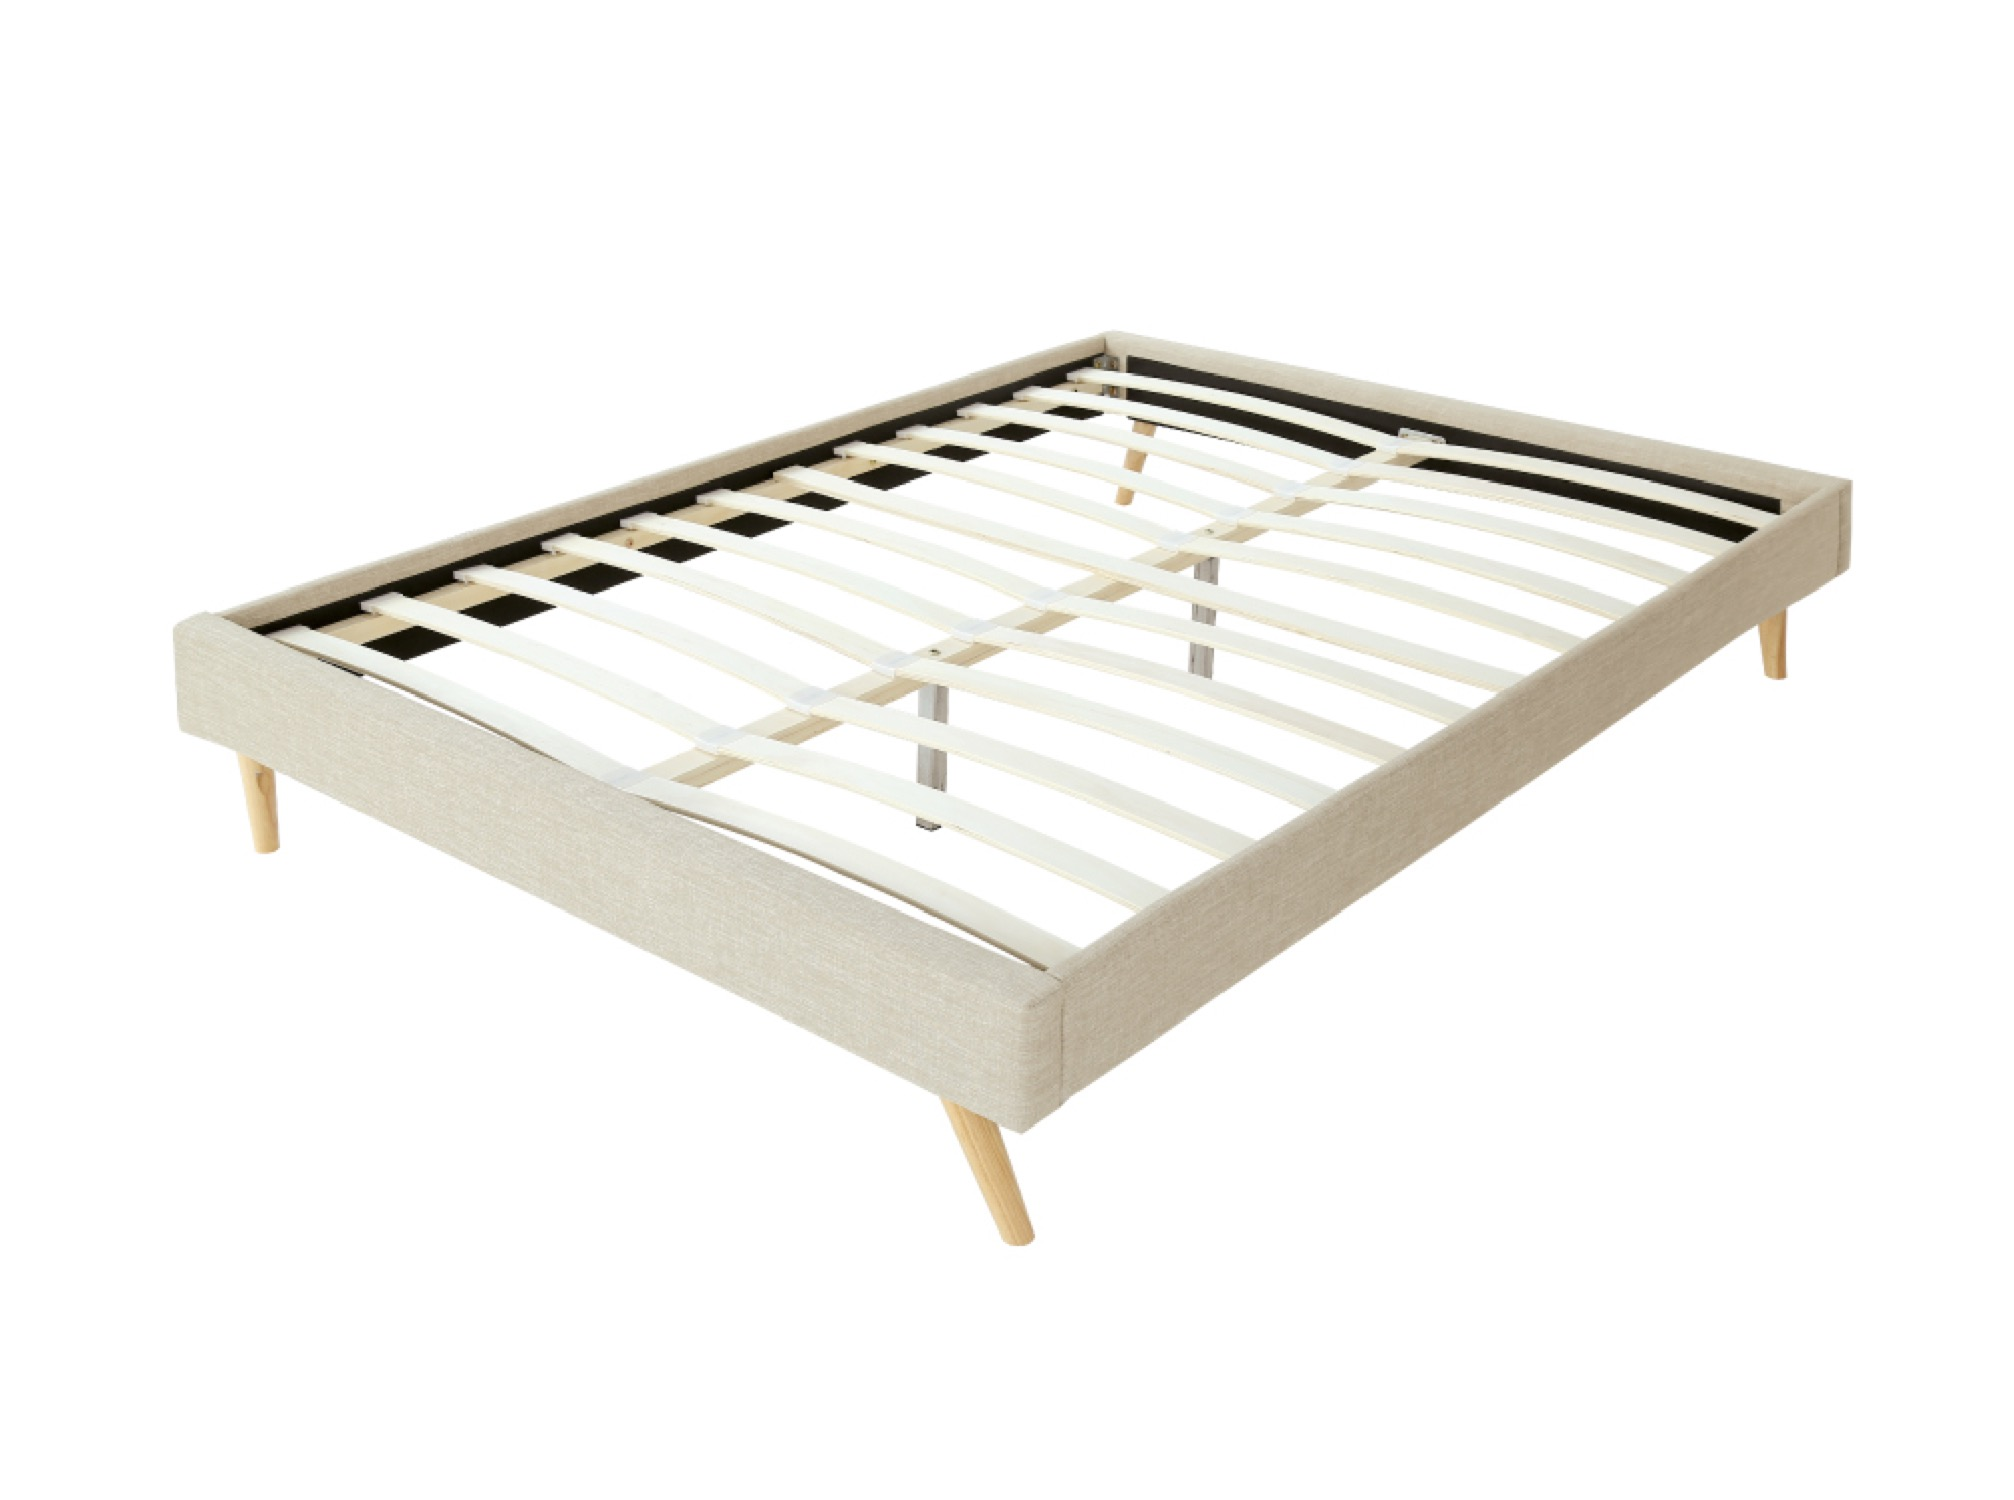 Cadre de lit en tissu beige 160x200